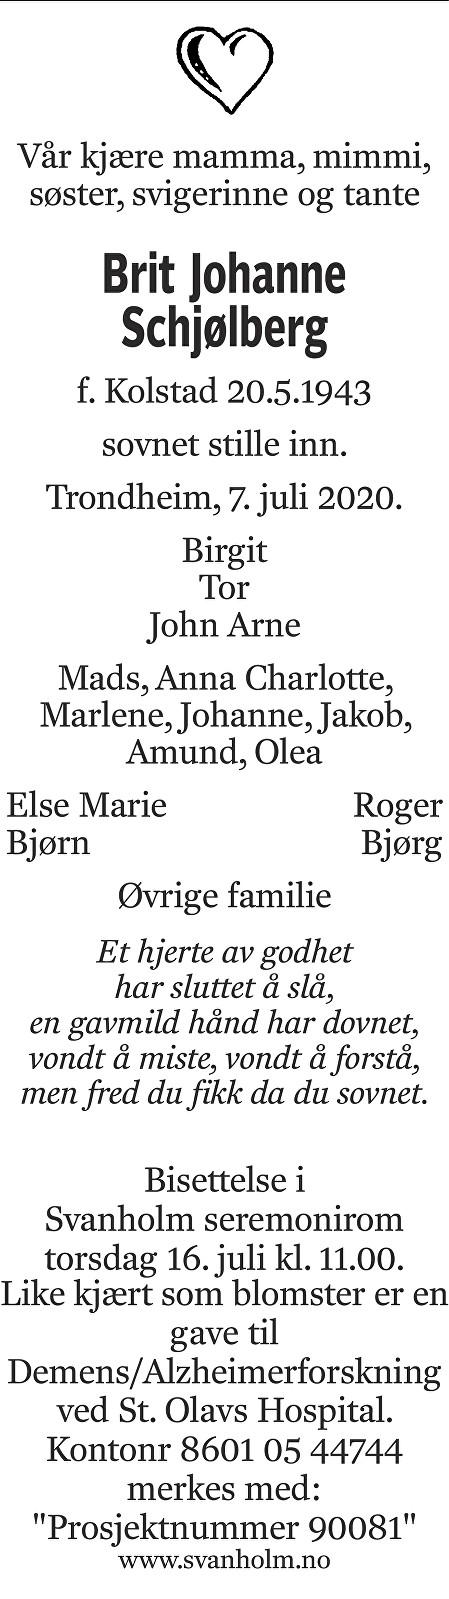 Brit Johanne Schjølberg Dødsannonse